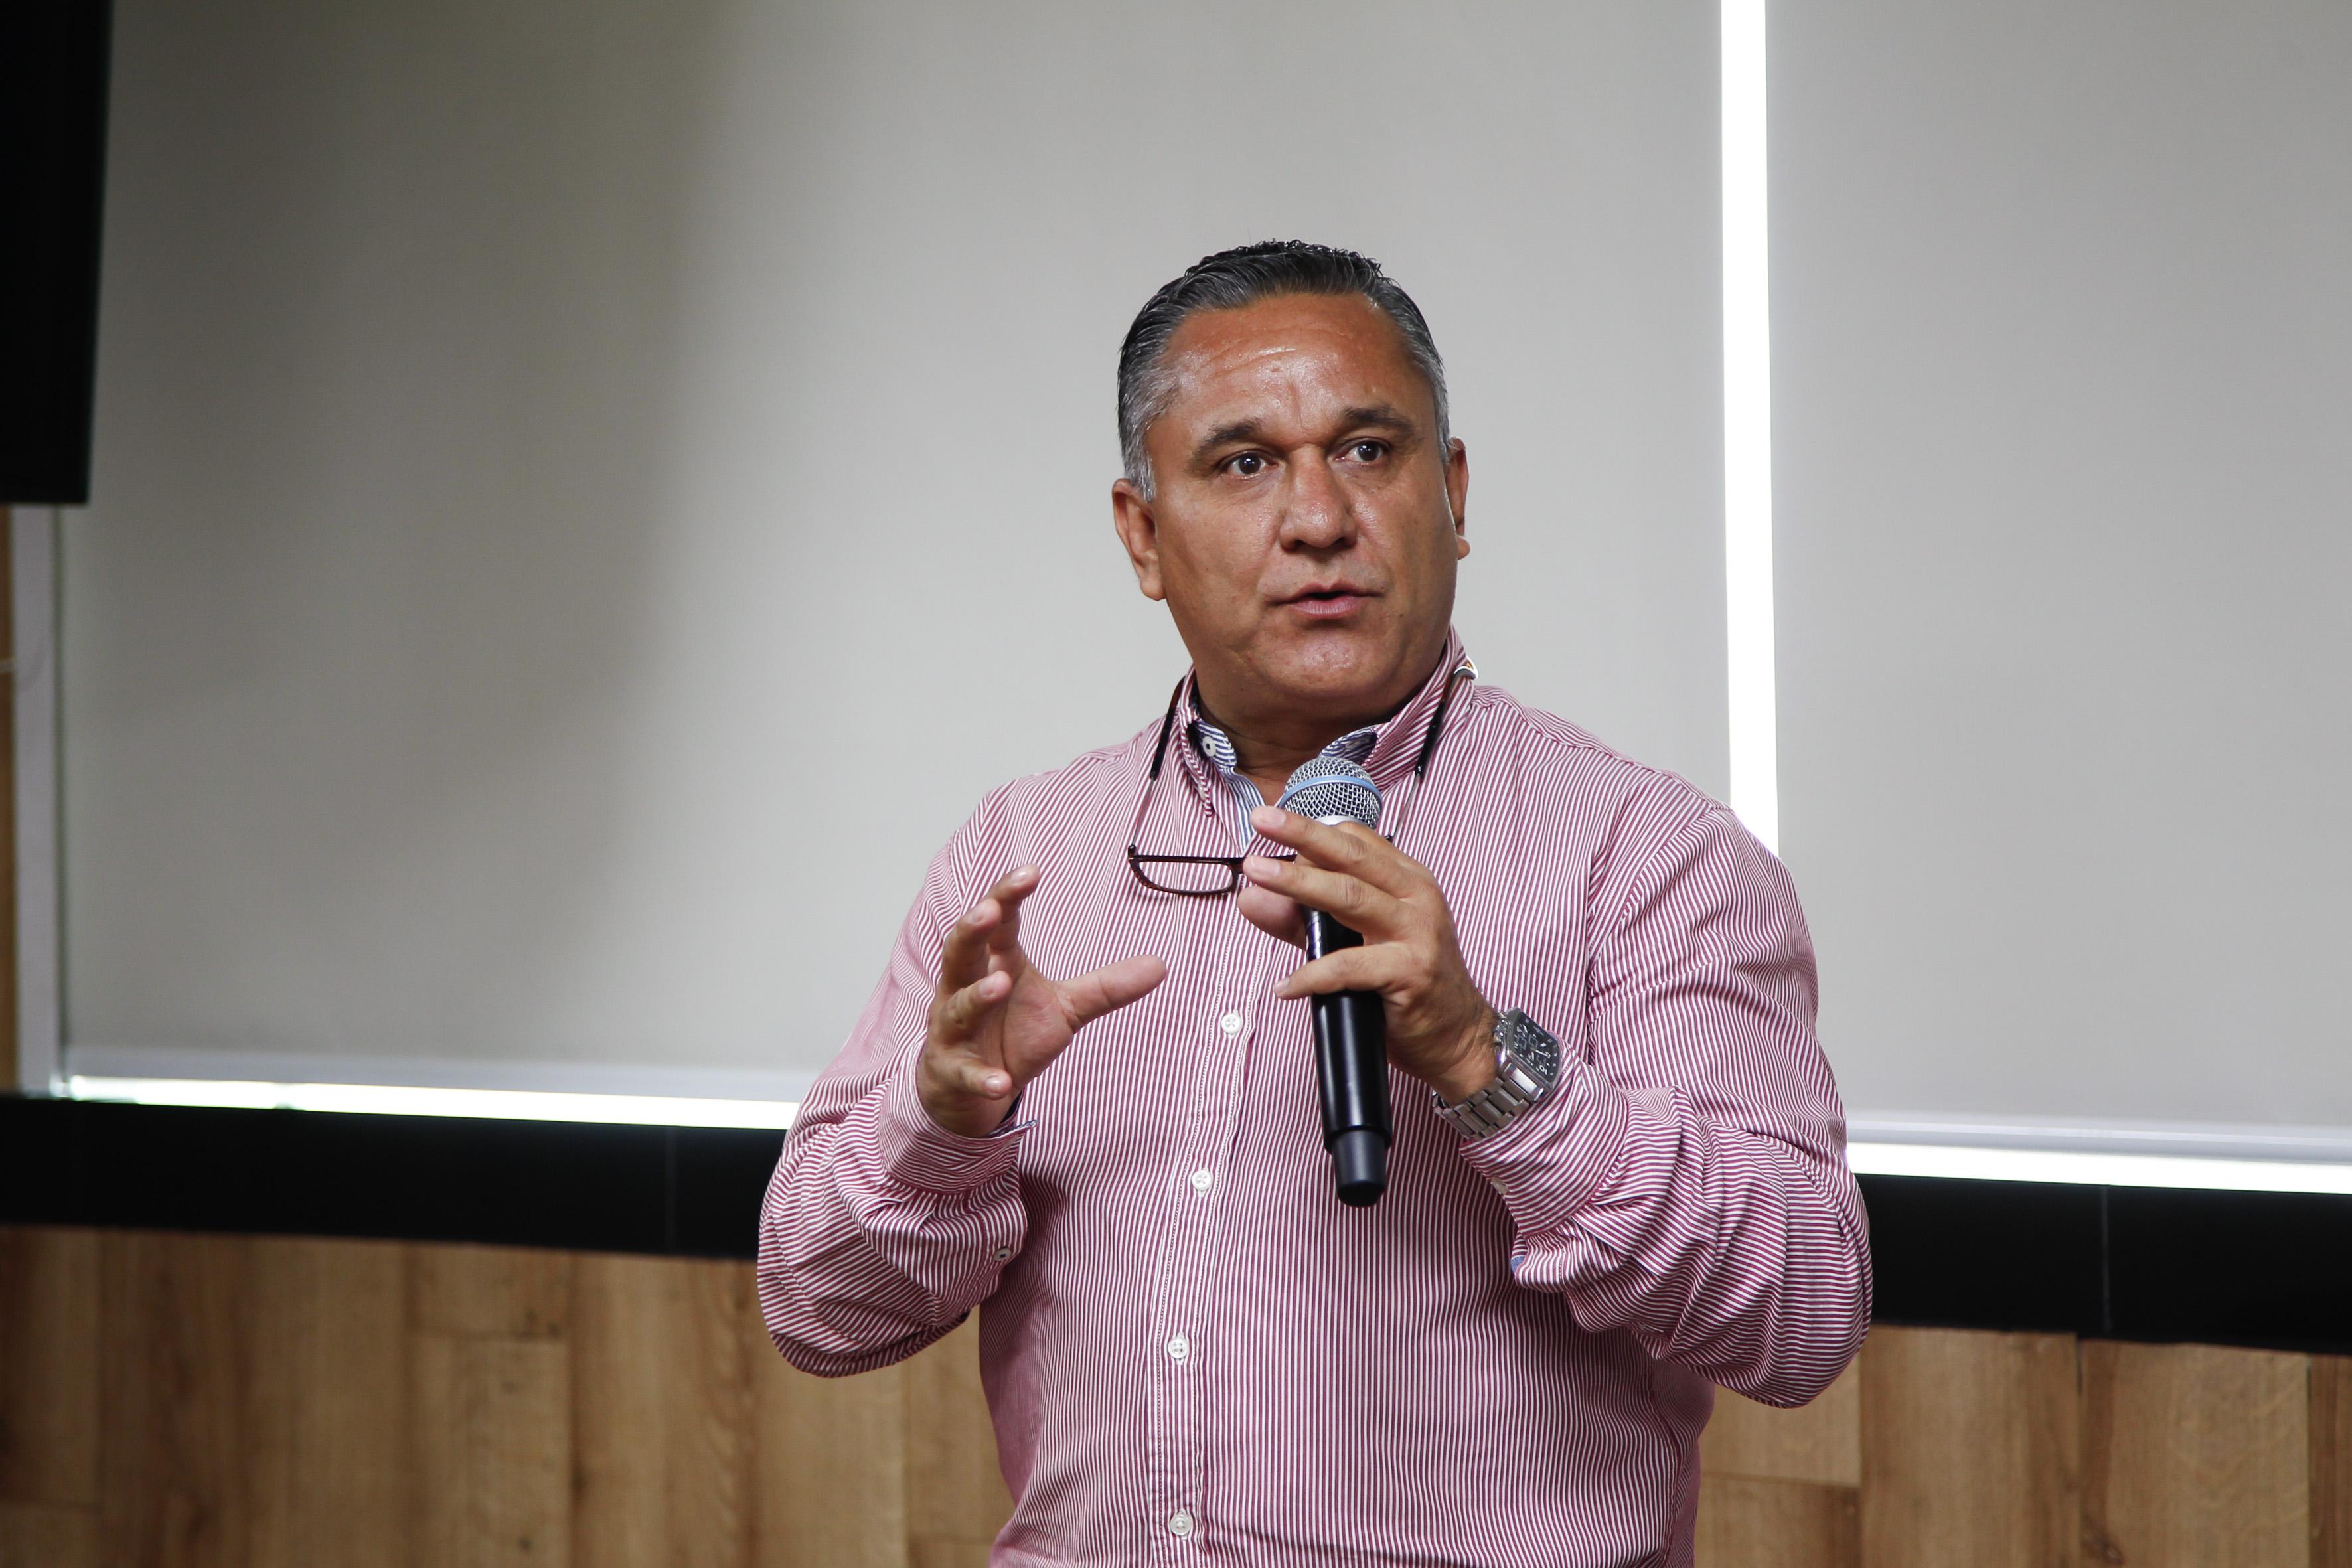 Álvaro Espinoza, jefe de la Unidad de Análisis de la CSU haciendo uso de la palabra